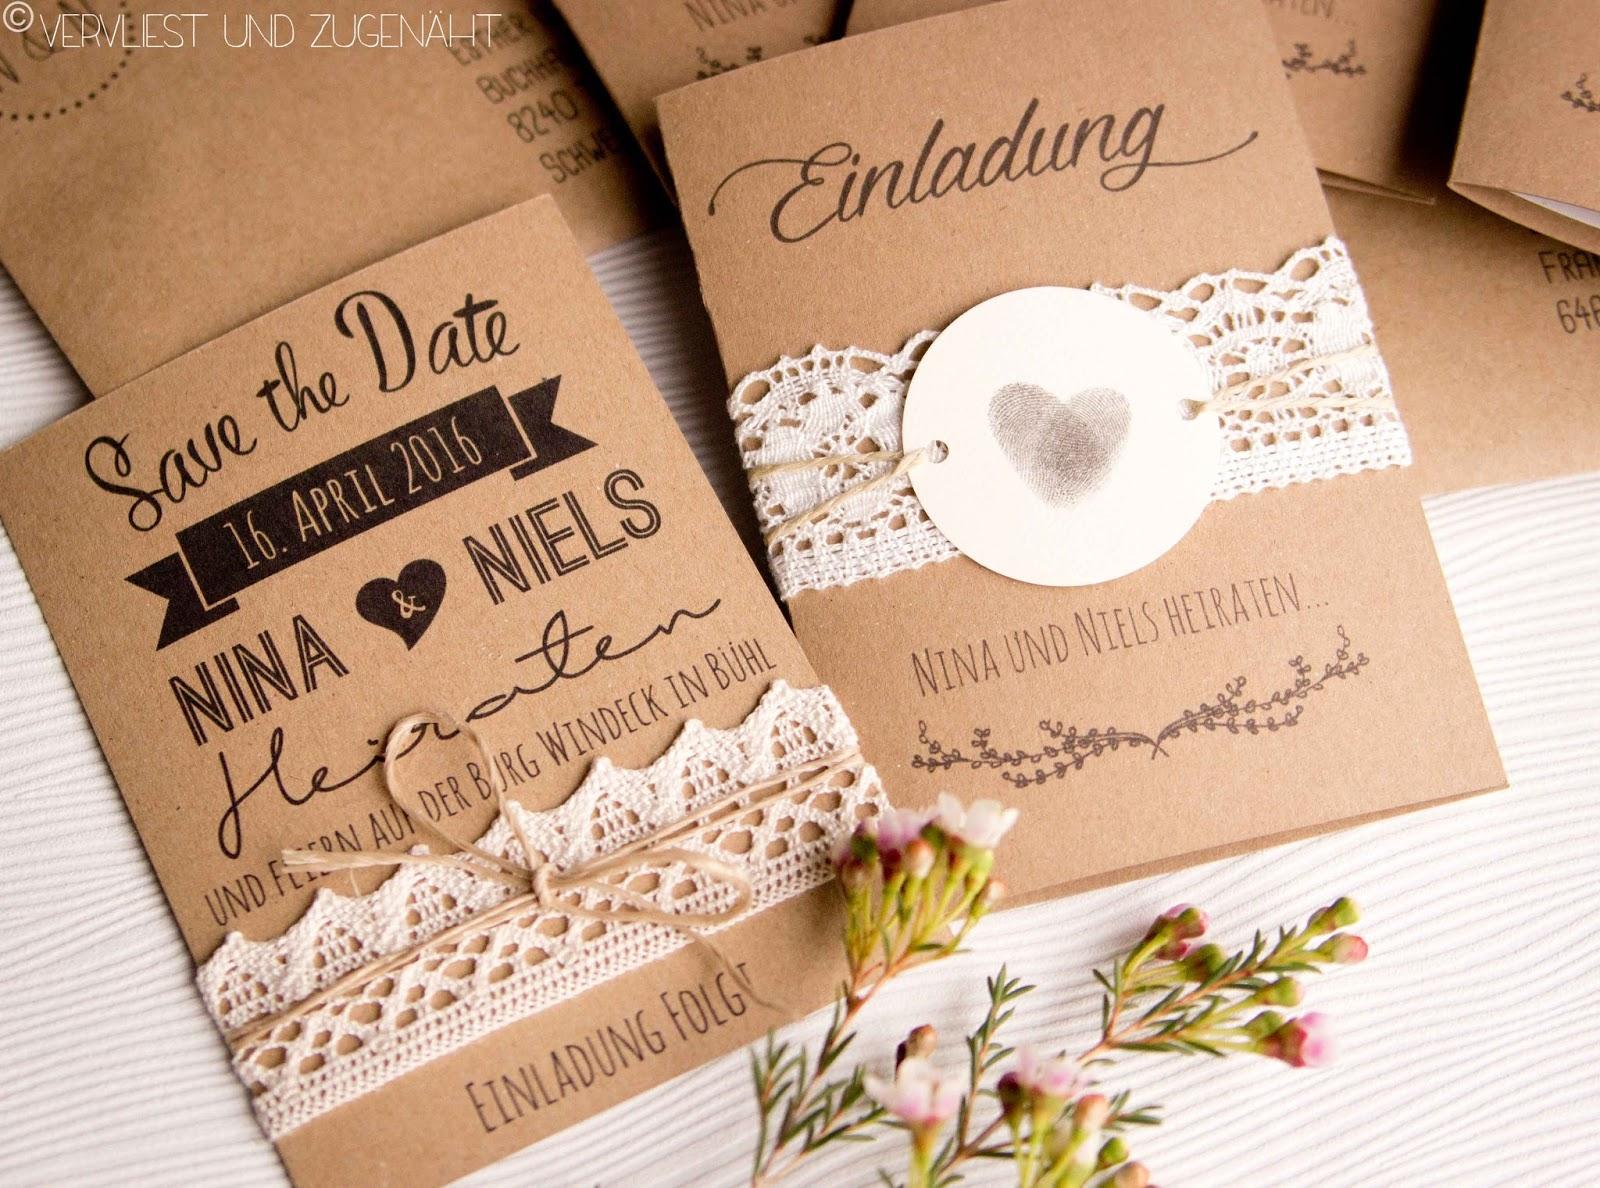 Vervliest und zugenht Hochzeitseinladung aus Kraftpapier